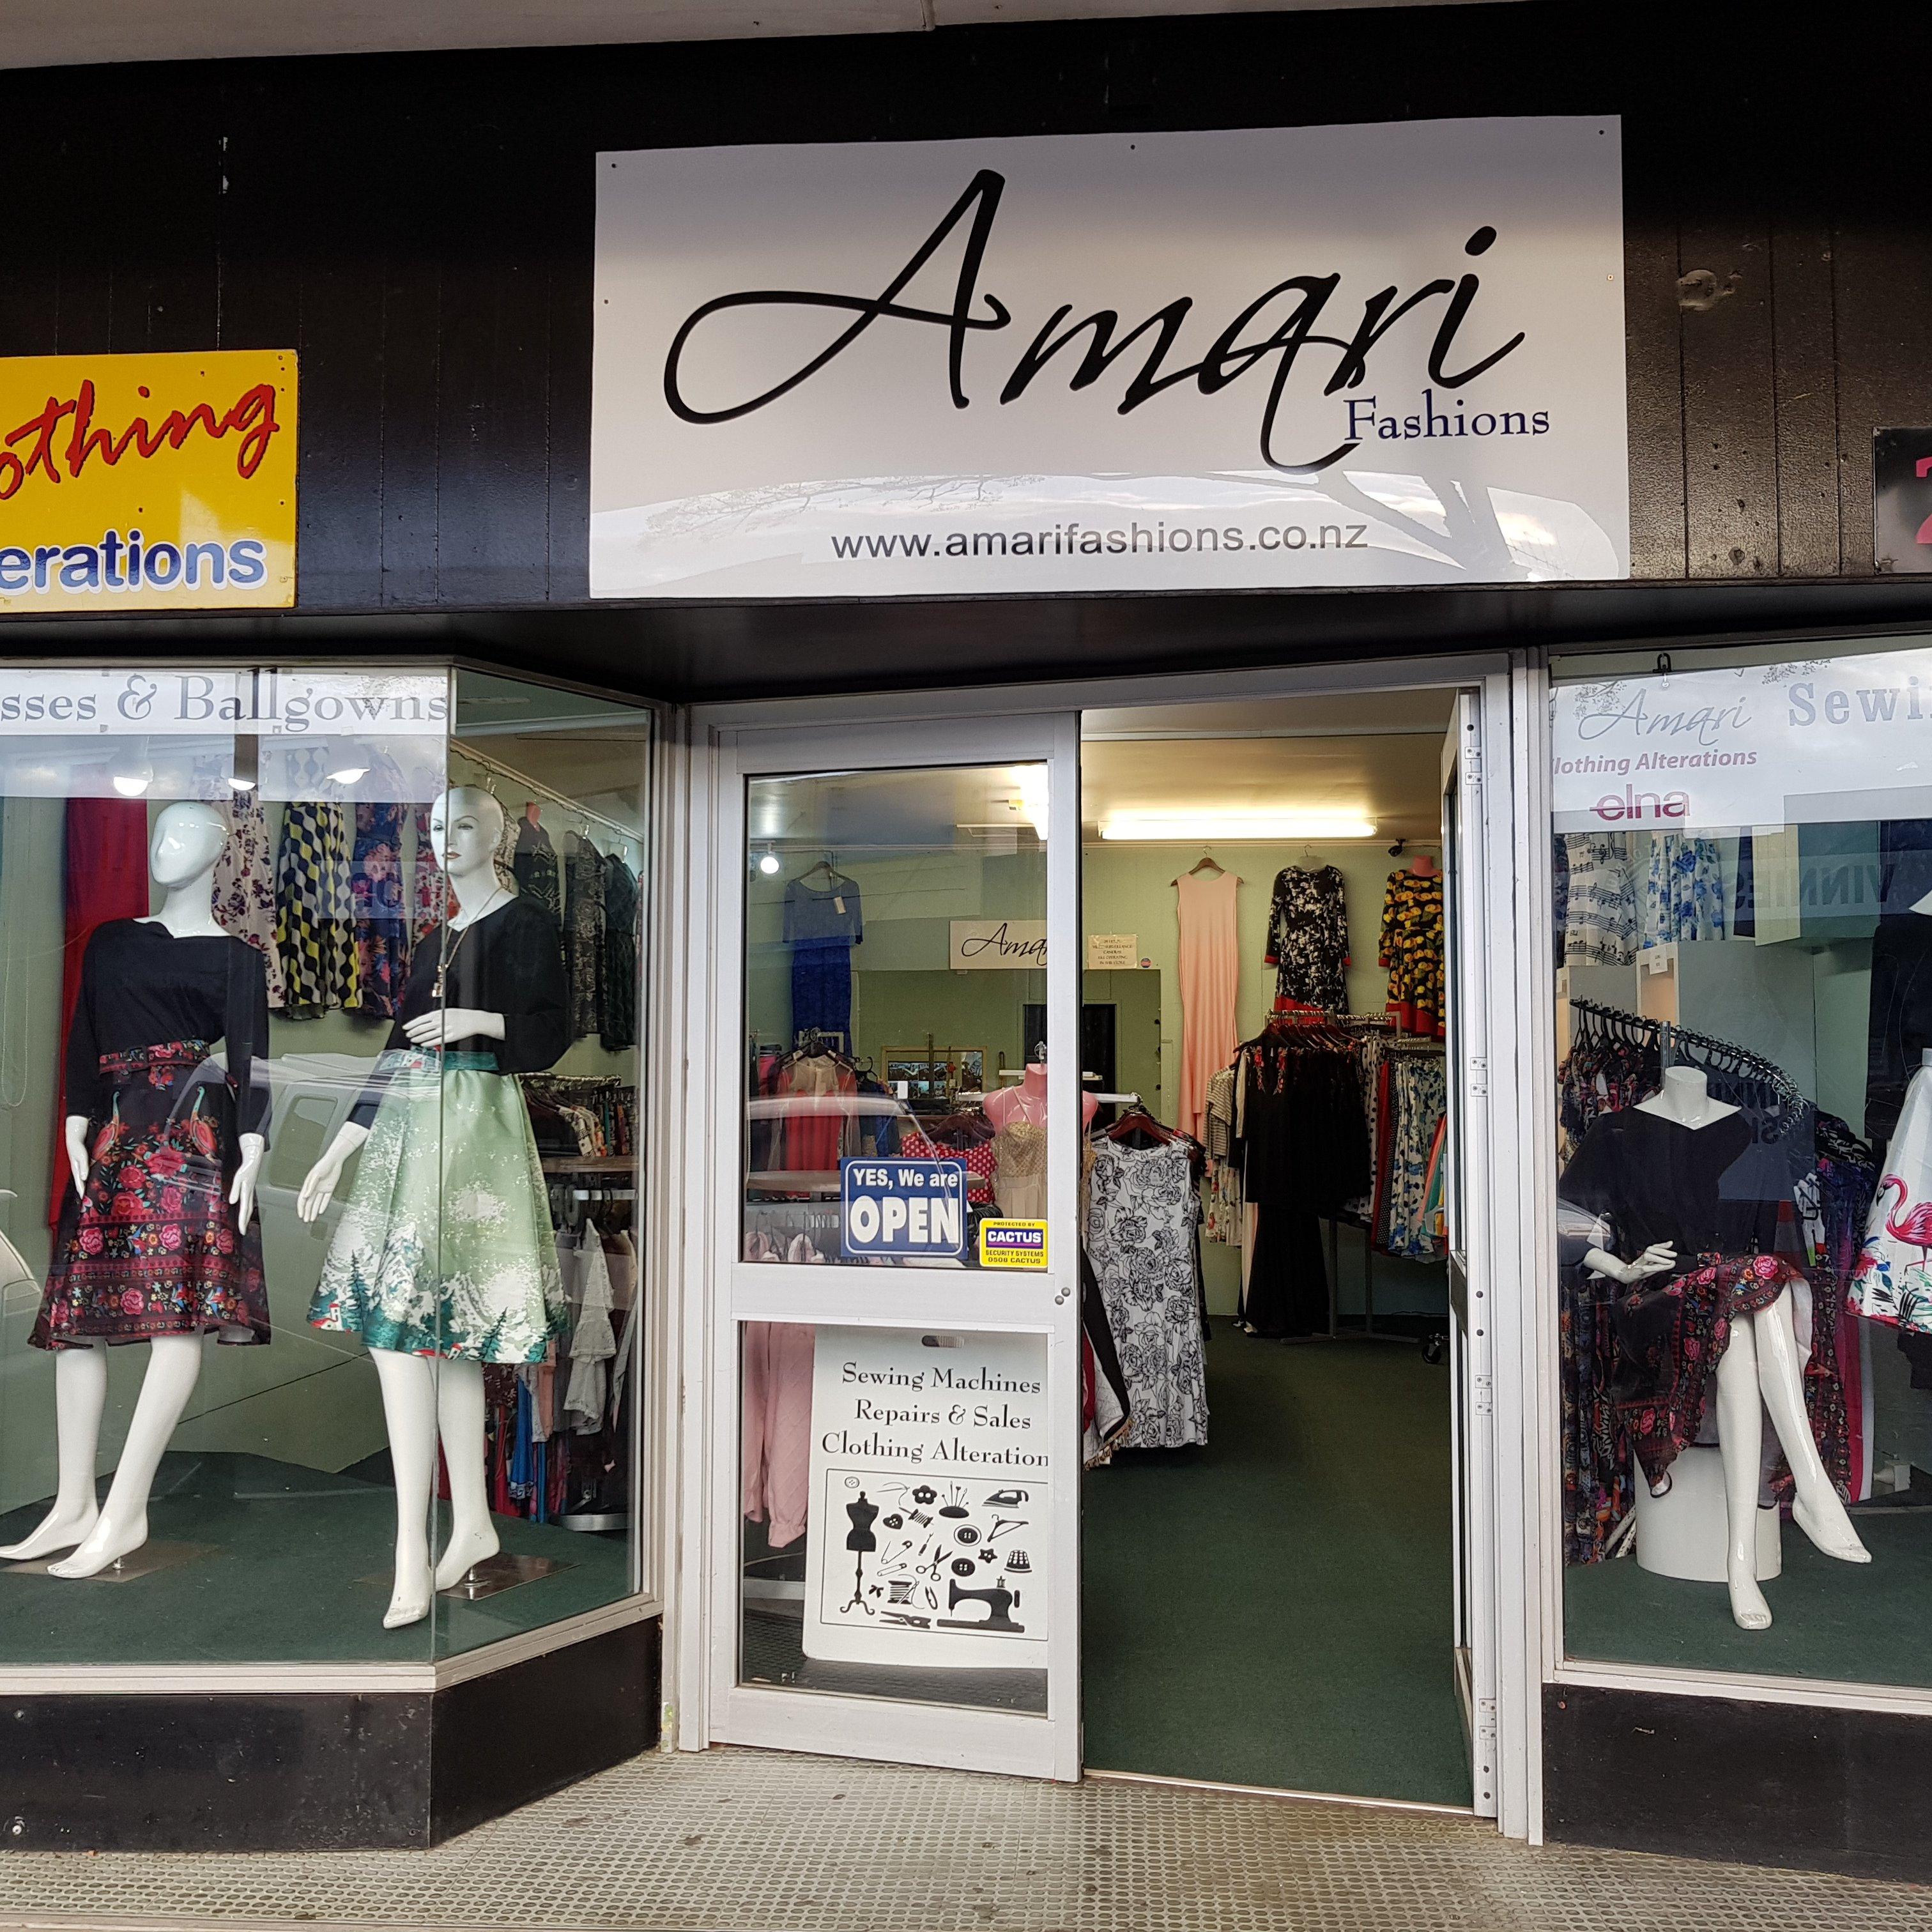 Jay Sewing Service/Amari fashions